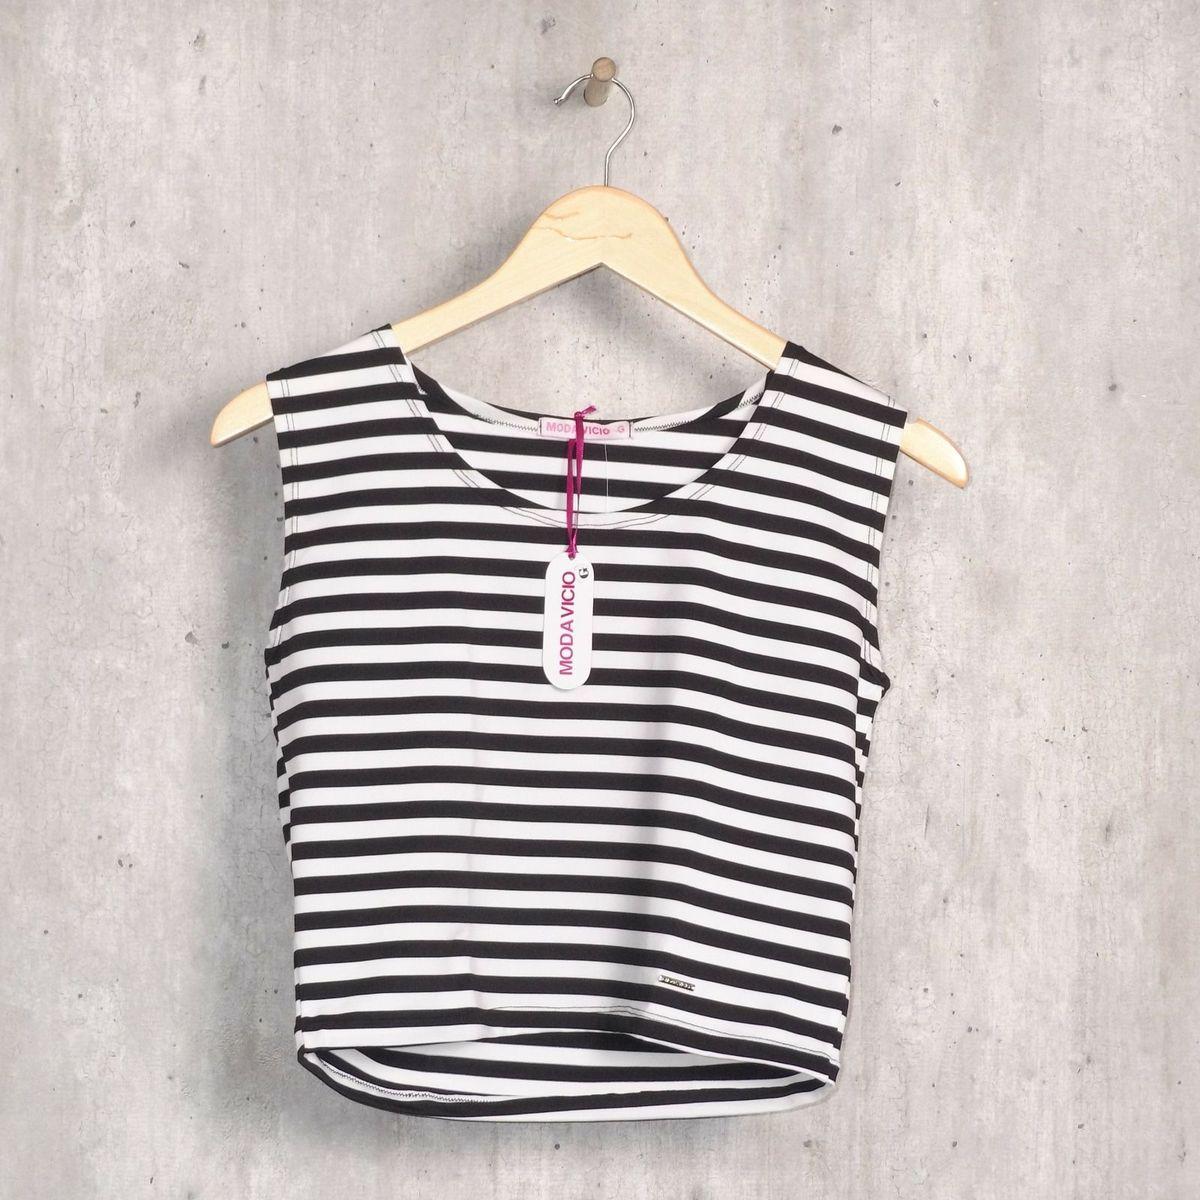 cropped regata listrado - blusas moda vicio.  Czm6ly9wag90b3muzw5qb2vplmnvbs5ici9wcm9kdwn0cy83mzk0mtqxlzjimwvkmmu5yje5mmrmztmwzwi1zji1mjflyty4ymvhlmpwzw  ... 4d09d94e646